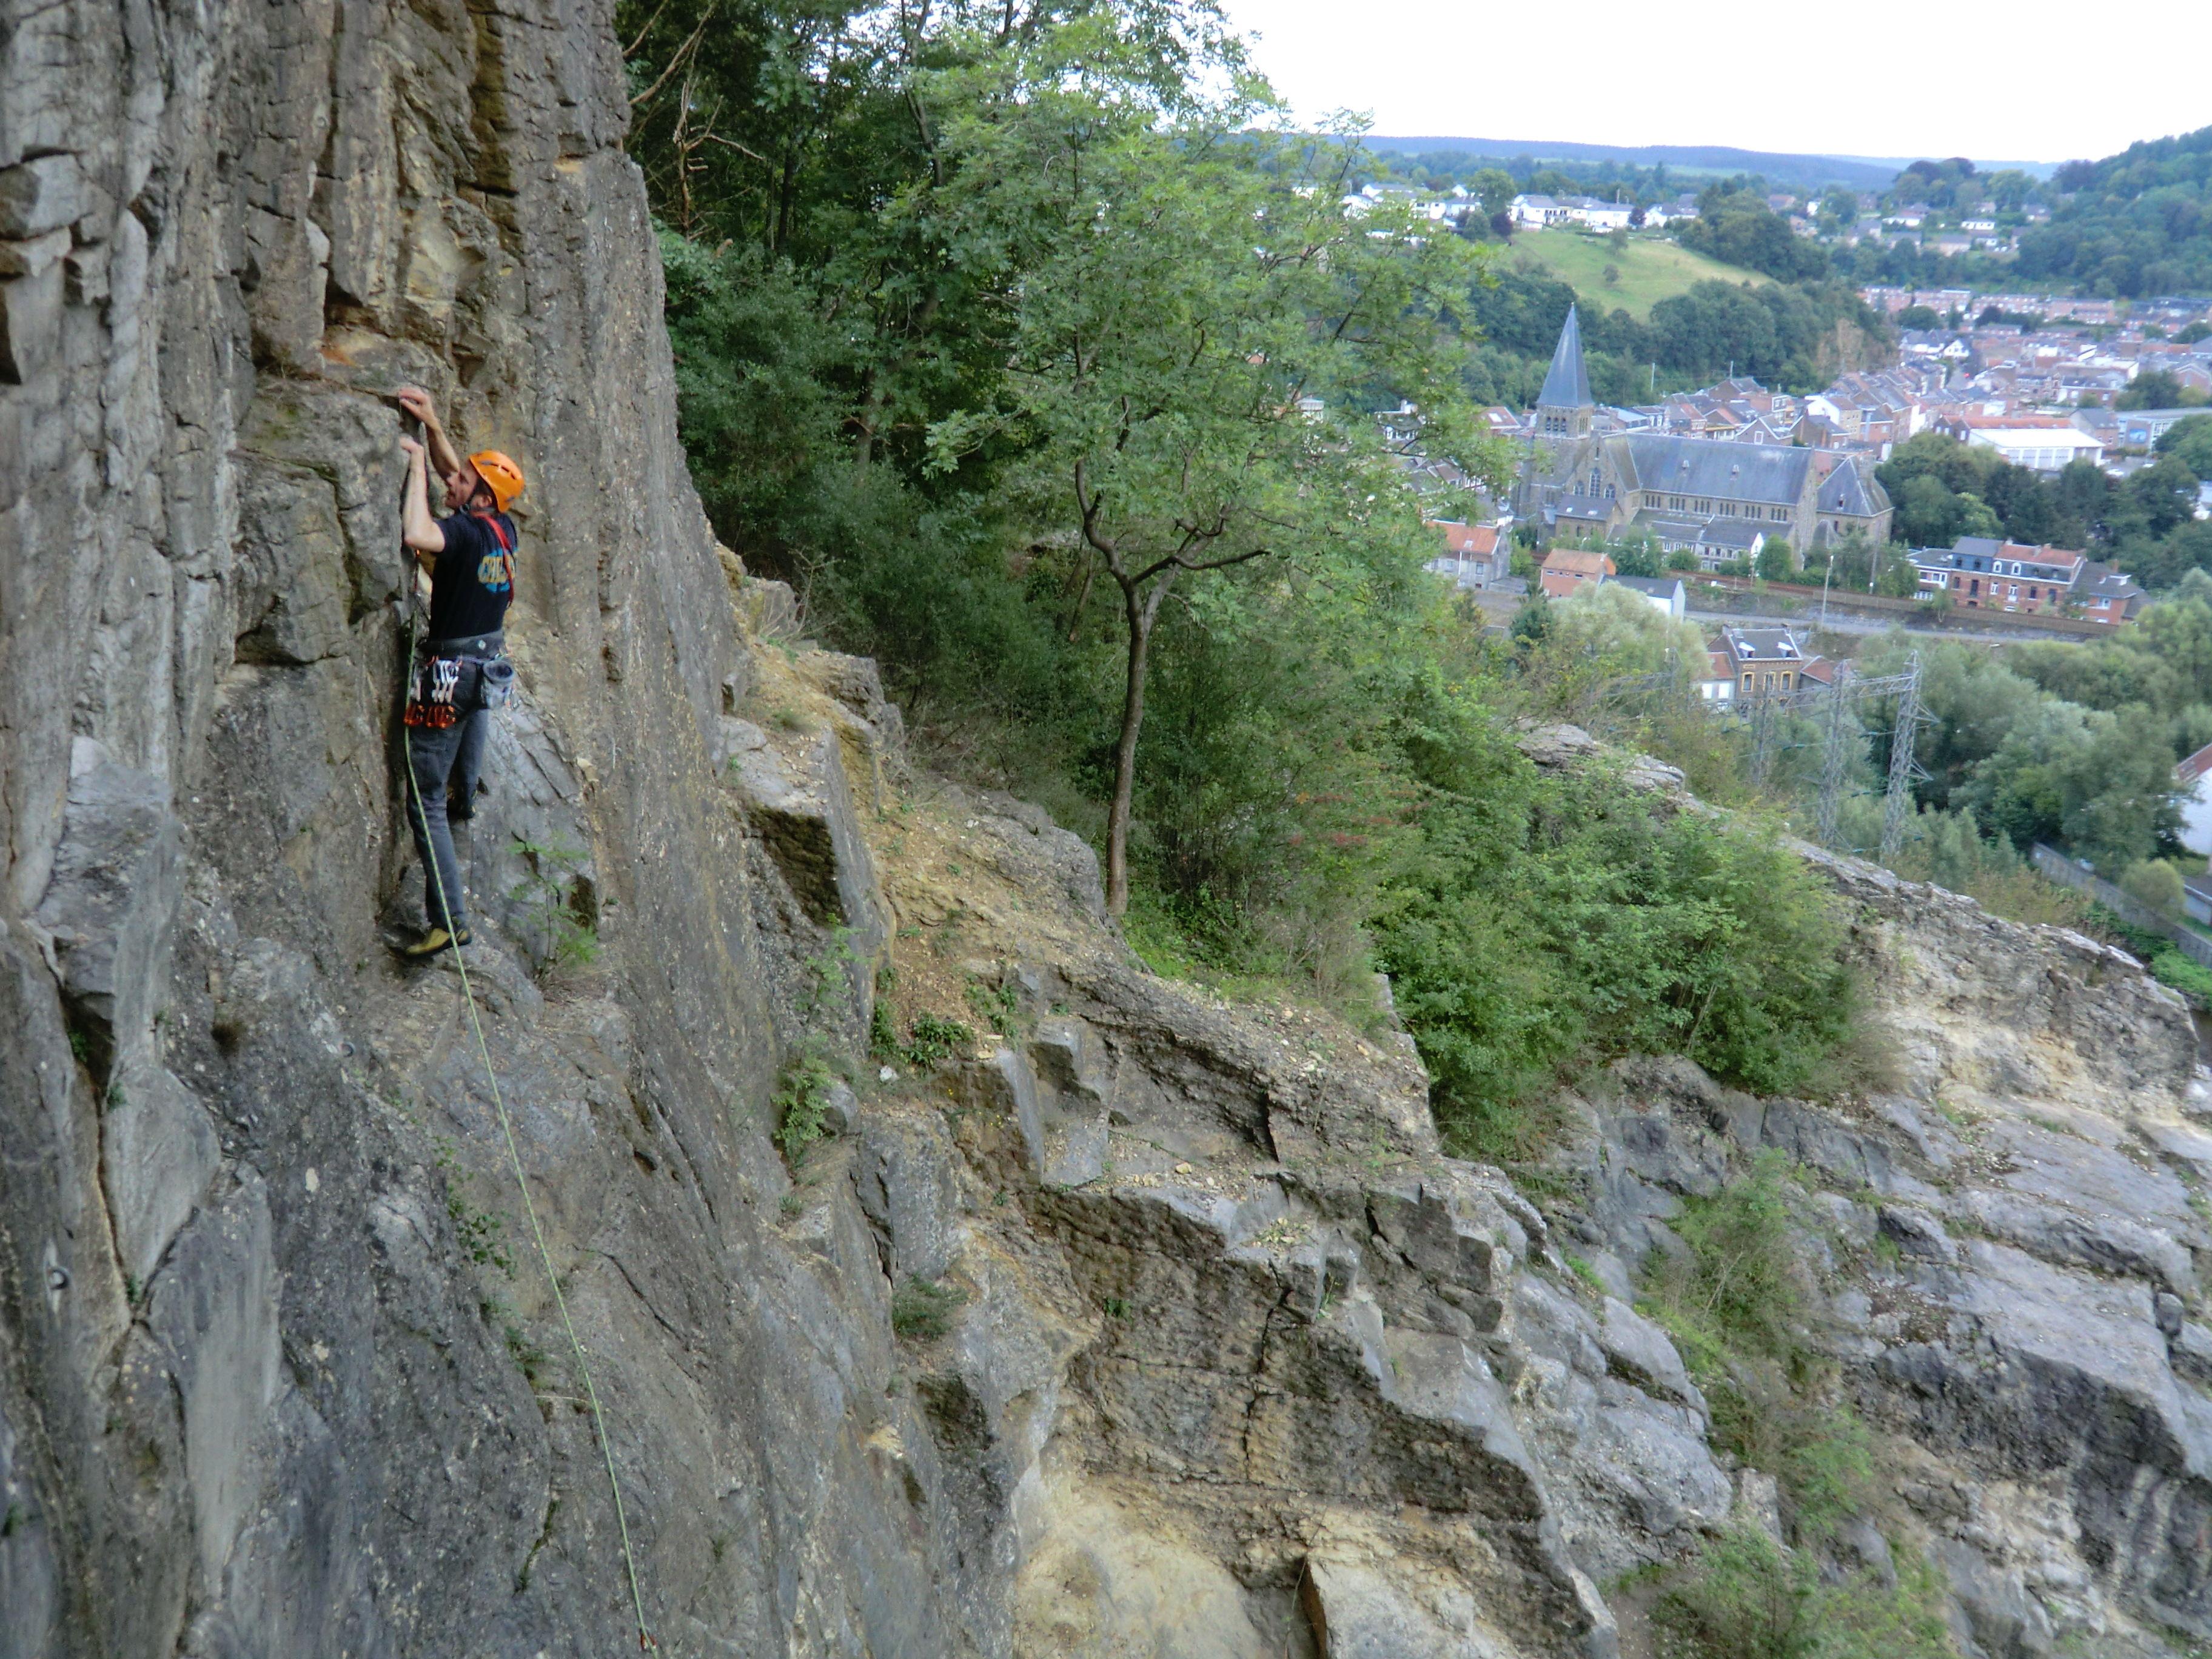 Kletterausrüstung Innsbruck : Kletterausrüstung aachen ich bin tom seite